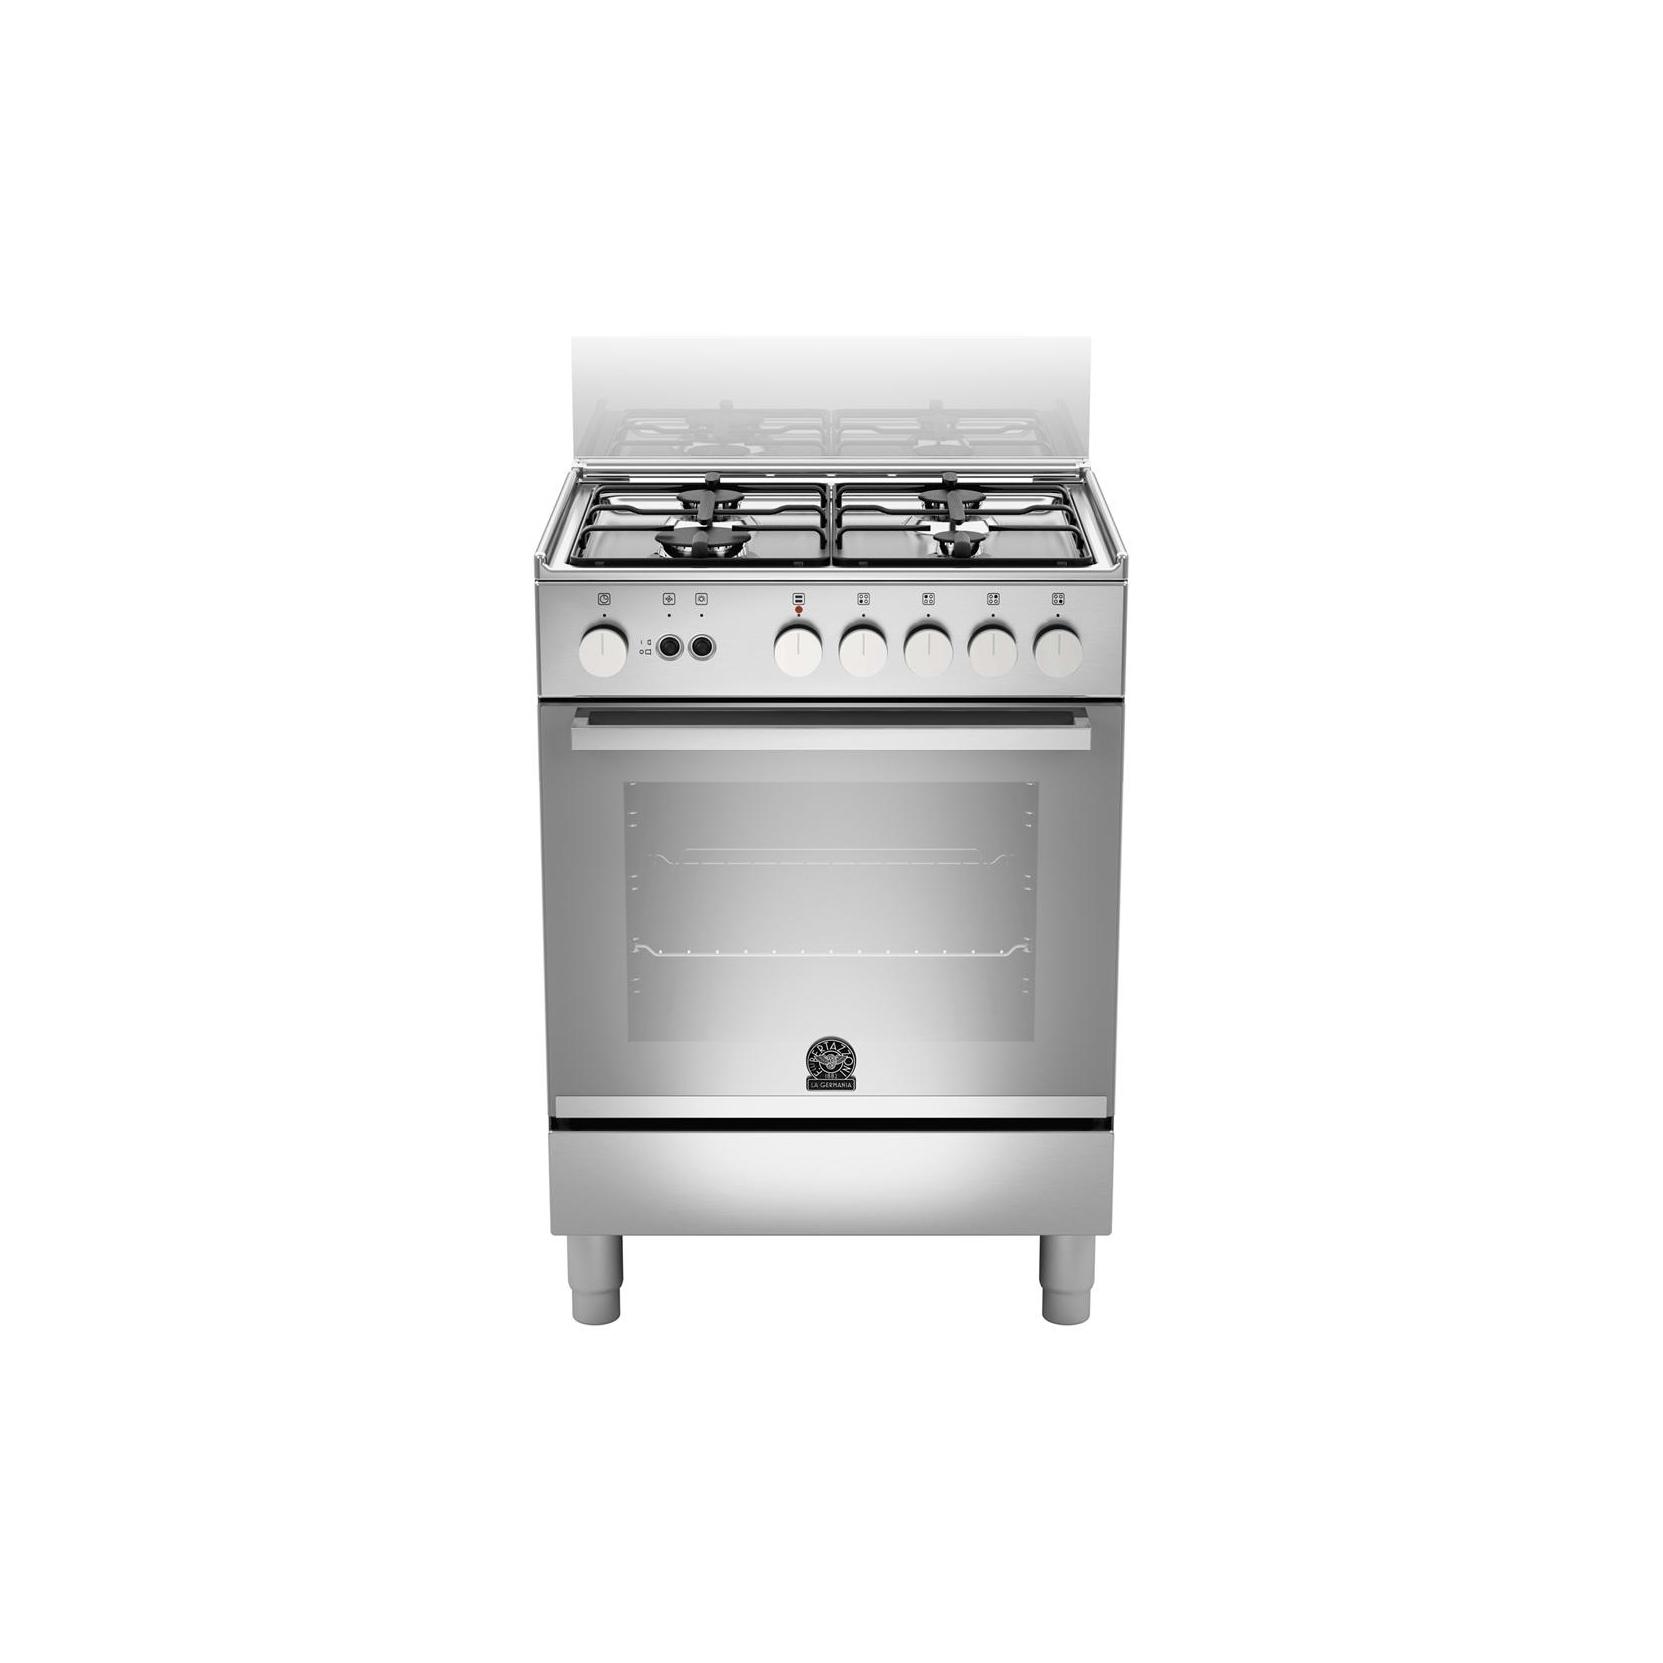 La germania cucina tu14071dx 4 fuochi a gas 60x50 inox forno gas ventilato garanzia italia - Cucina con forno a gas ventilato ...